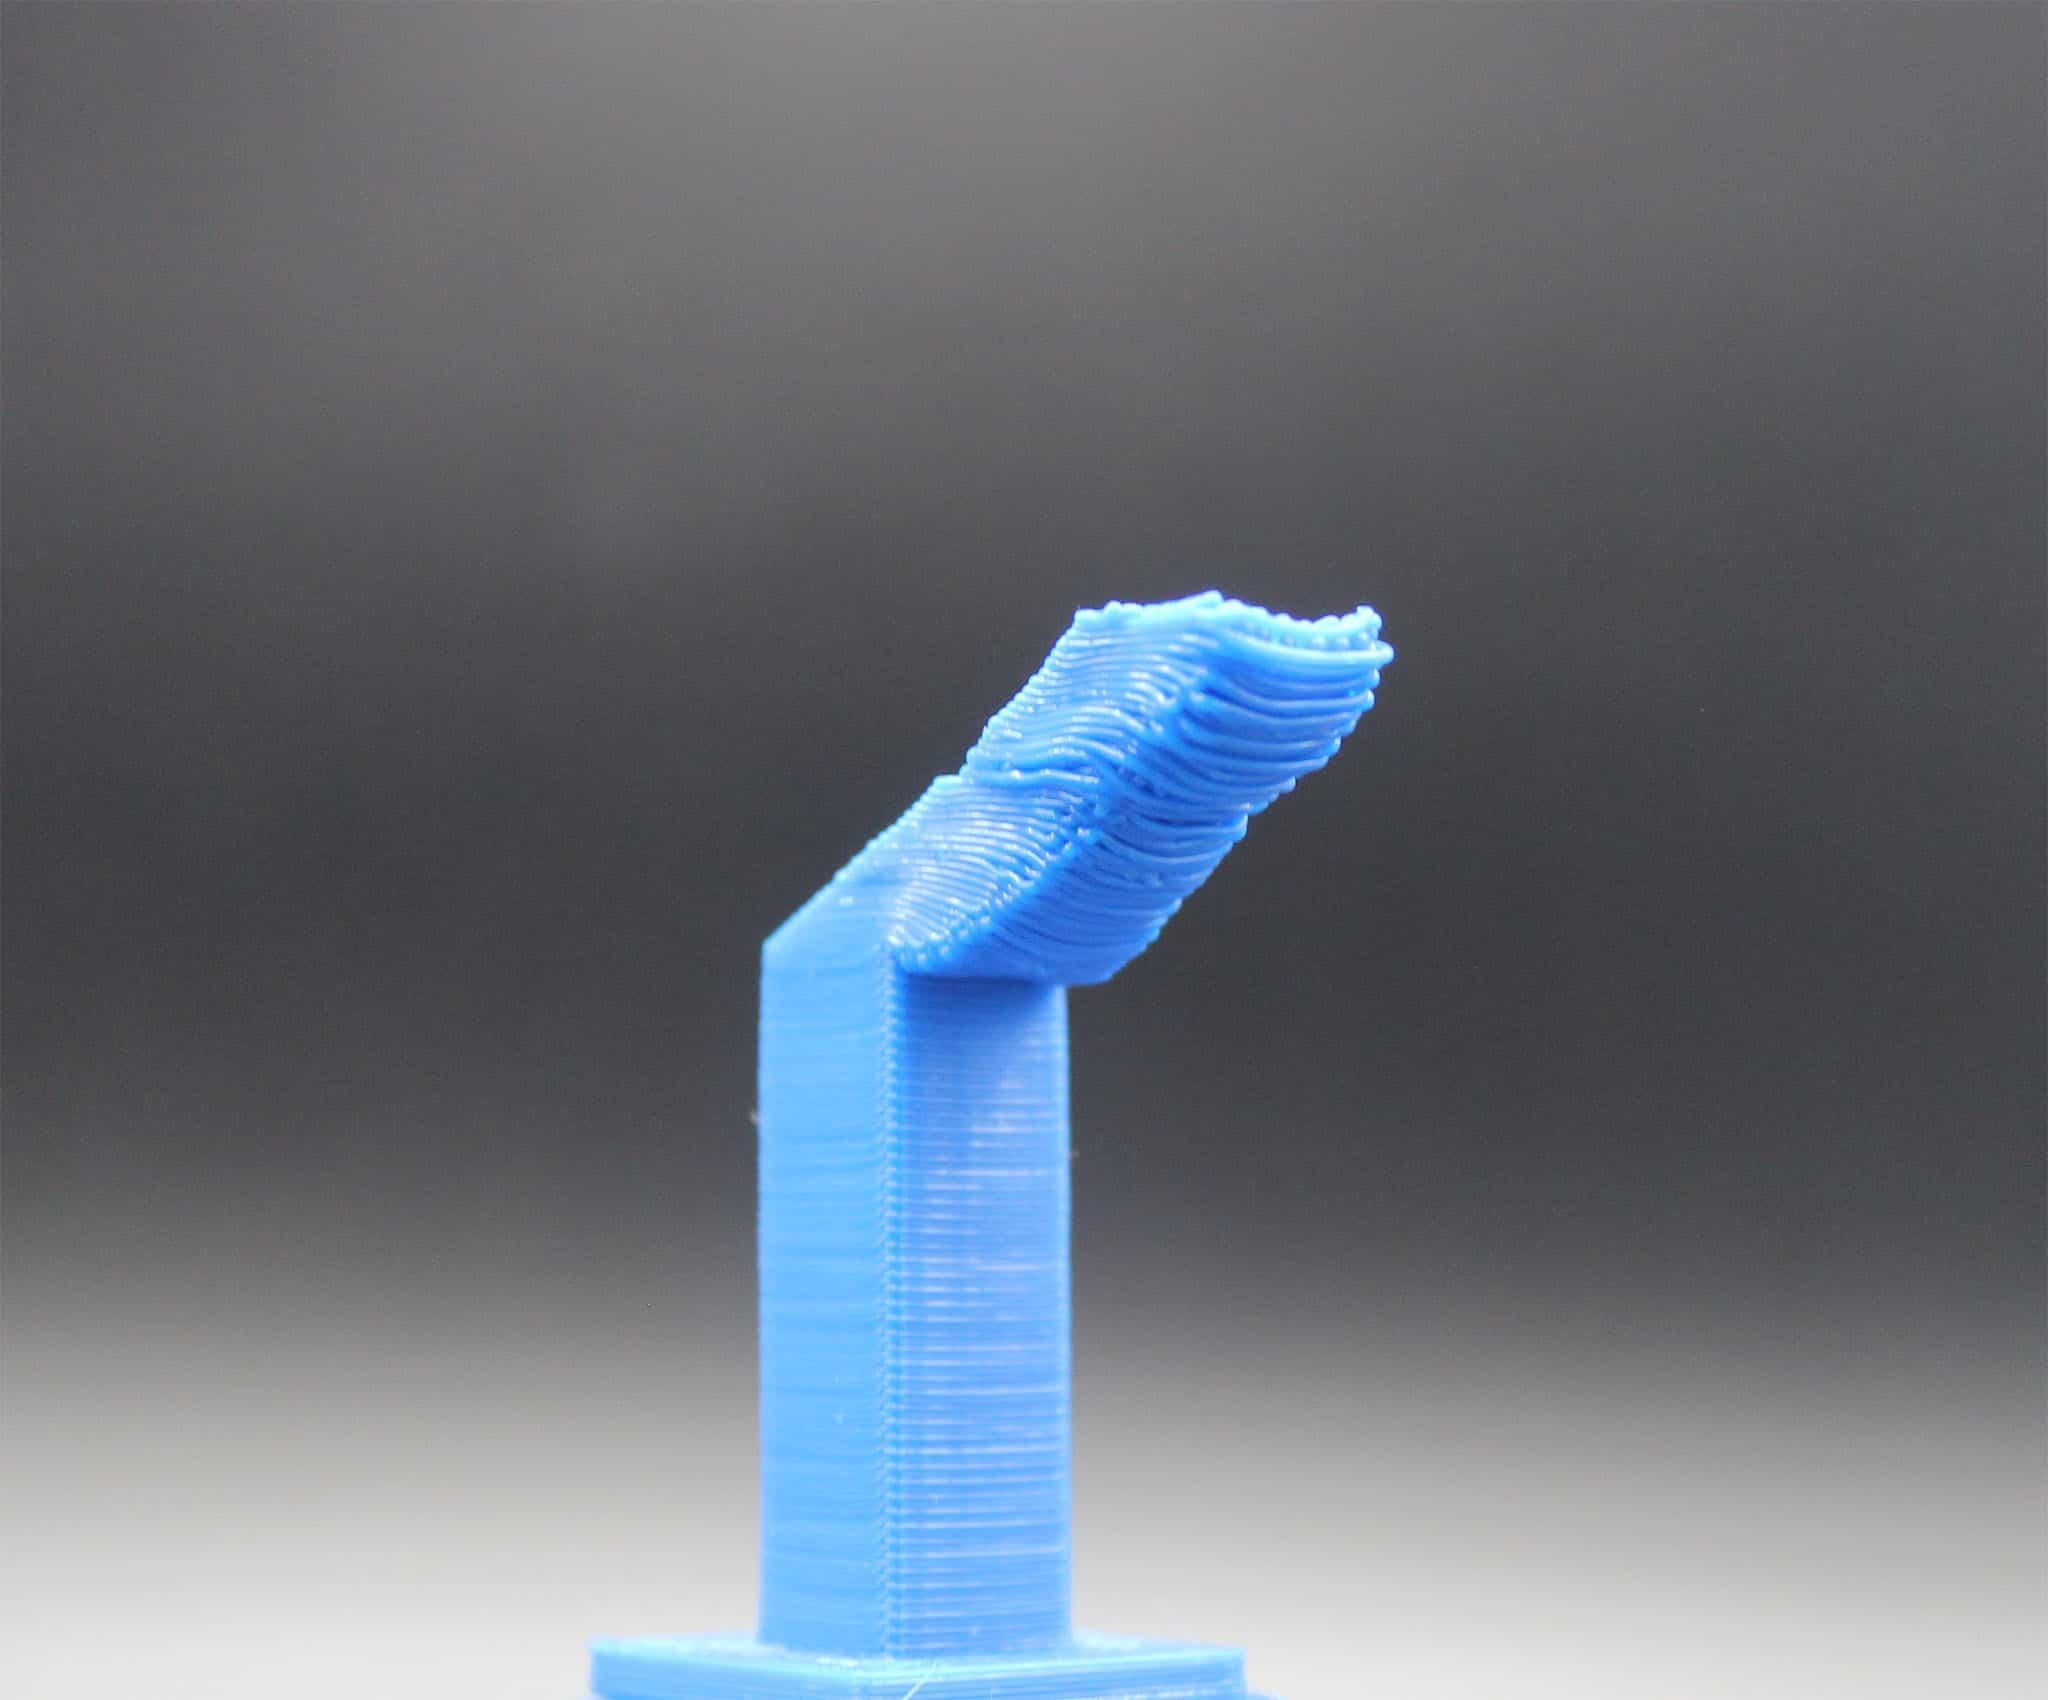 3D Druck – Erste Hilfe: Unsauber gedruckte Überhänge